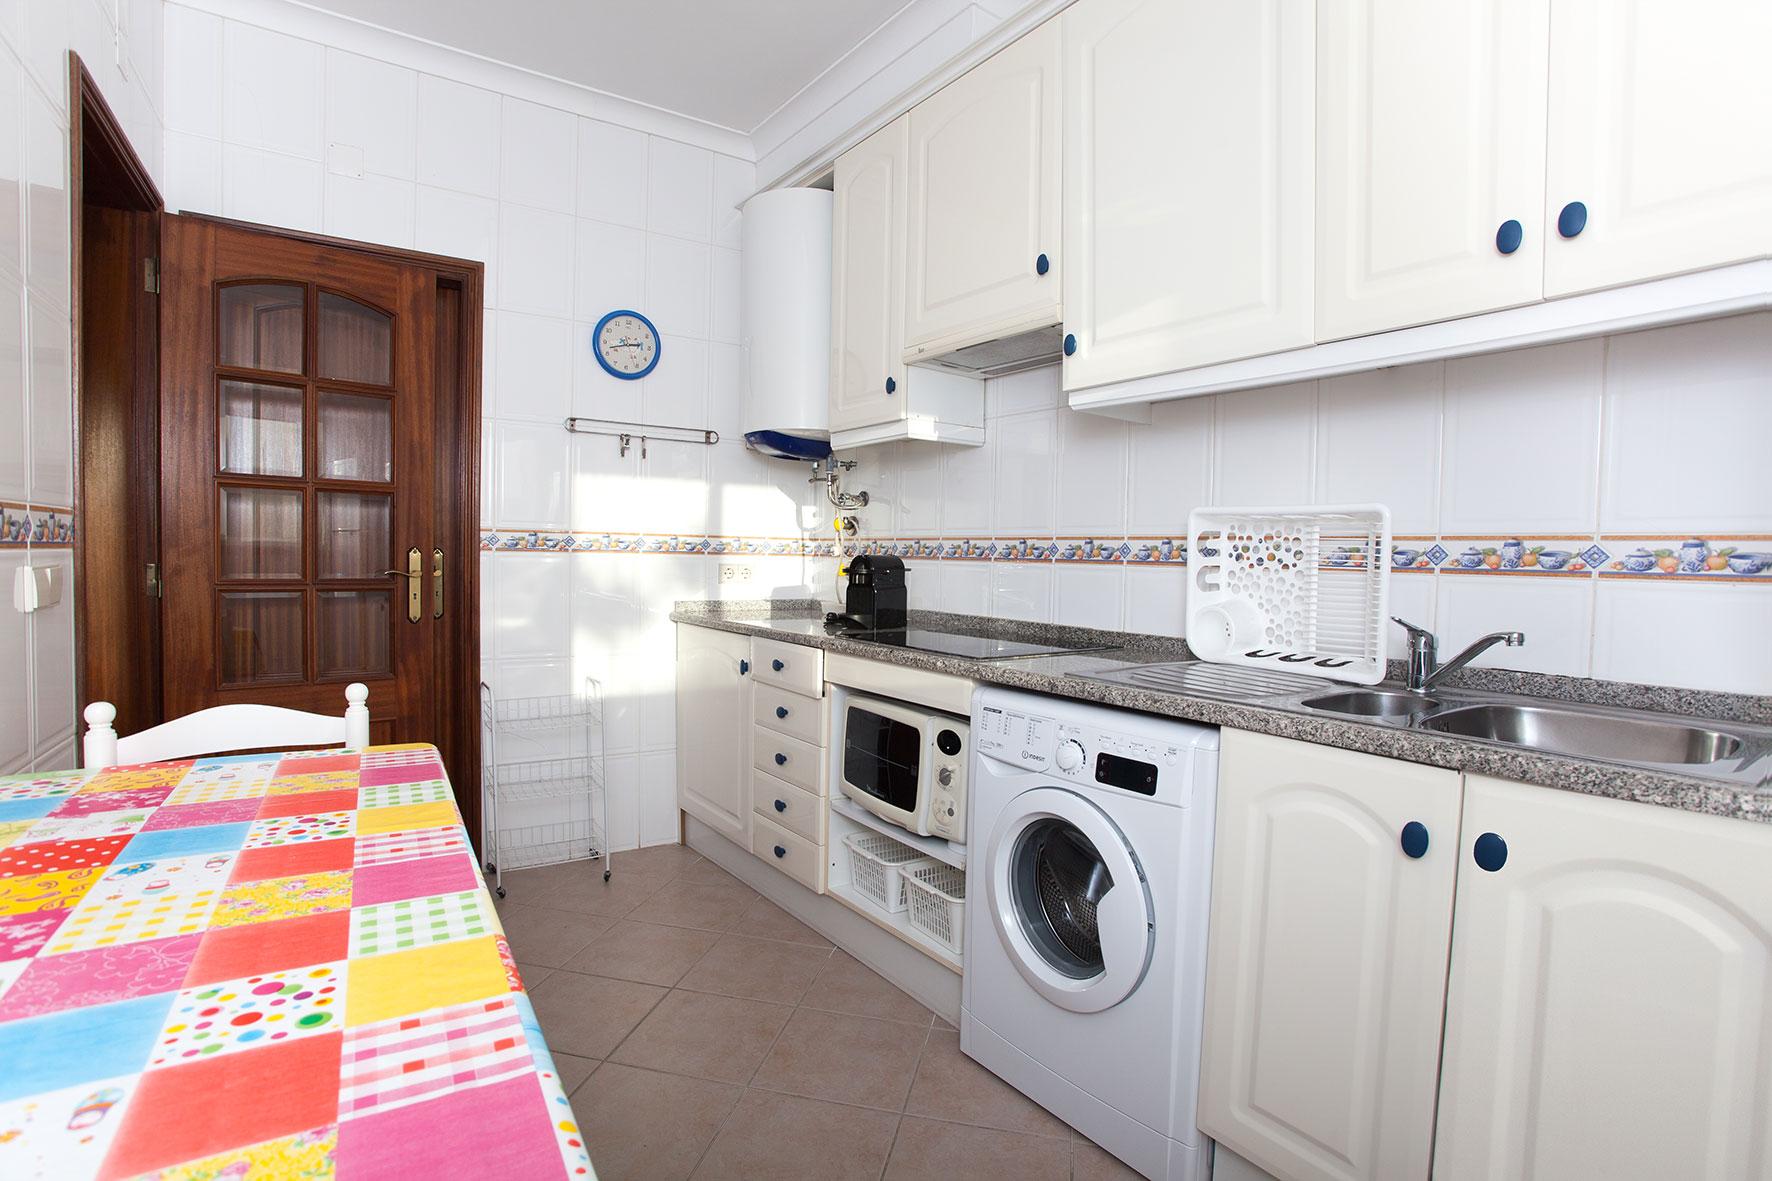 Holiday apartments and villas for rent, Apartamento T2 em Condomínio Com Piscina na Praia da Galé em Albufeira in Albufeira, Portugal Algarve, REF_IMG_6121_12089